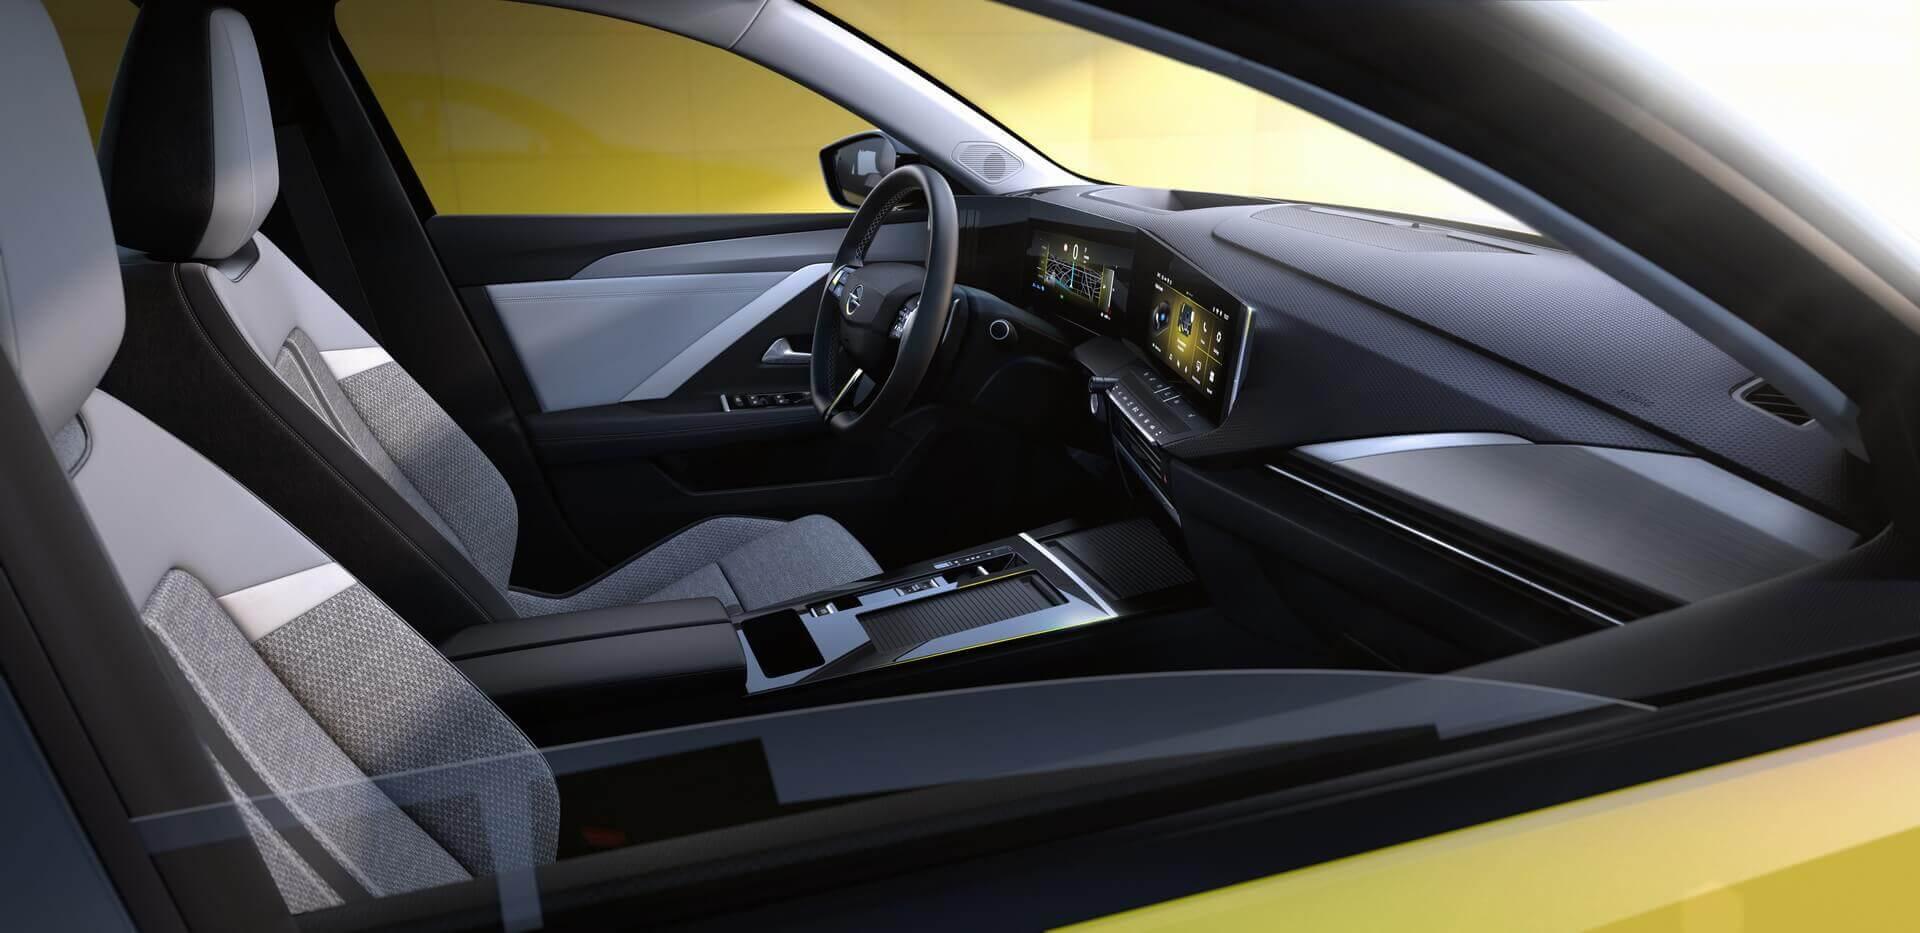 Интерьер Opel Astra 2022 модельного года